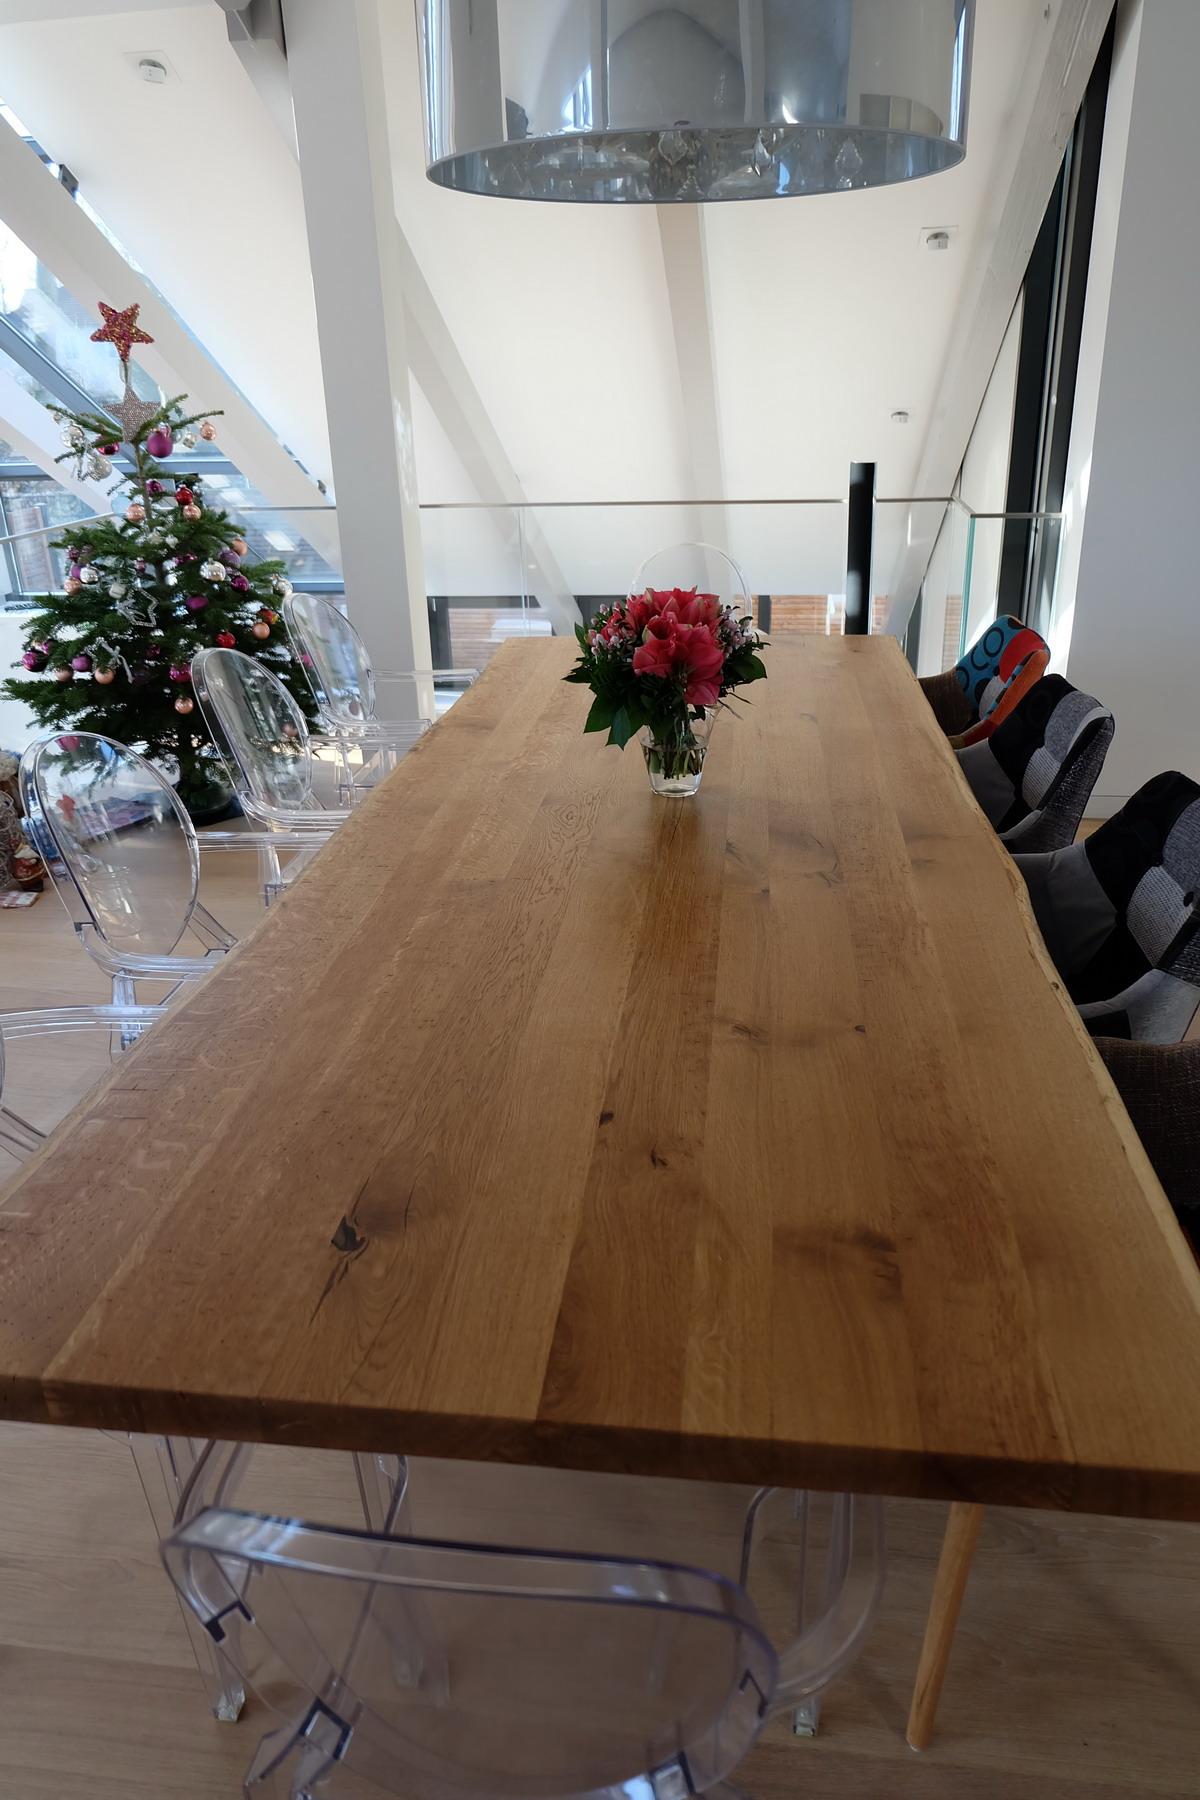 Eiche Tisch mit Beton Sockel 0